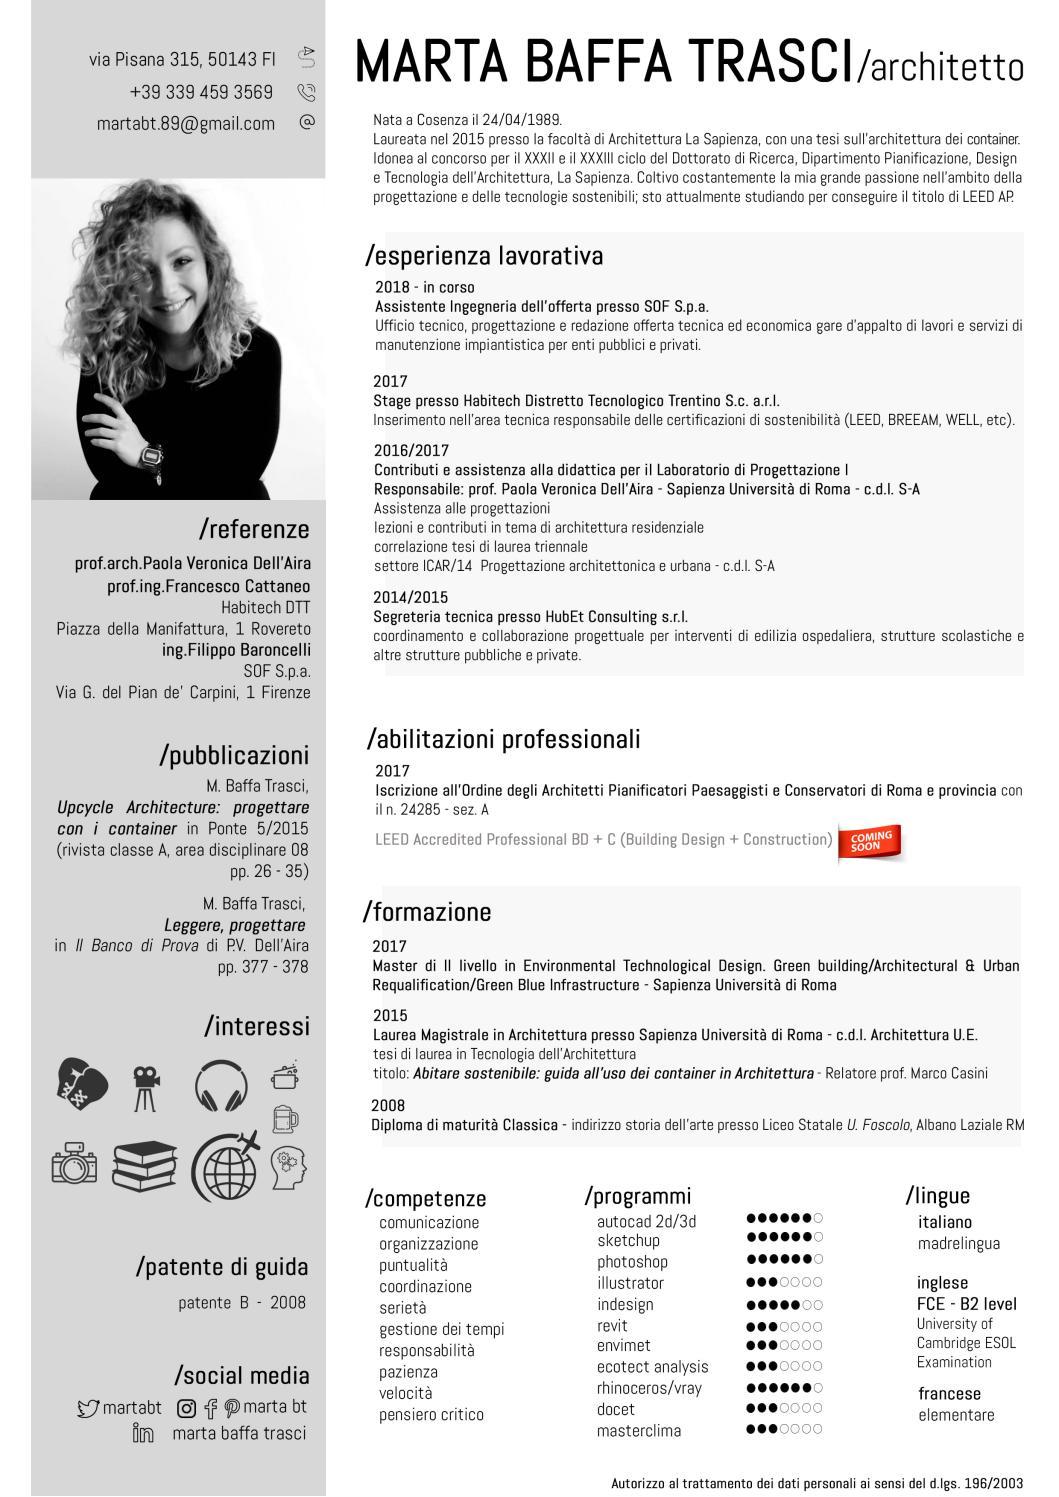 Architettura Sostenibile Architetti curriculum vitae marta baffa trasci - 2019 by